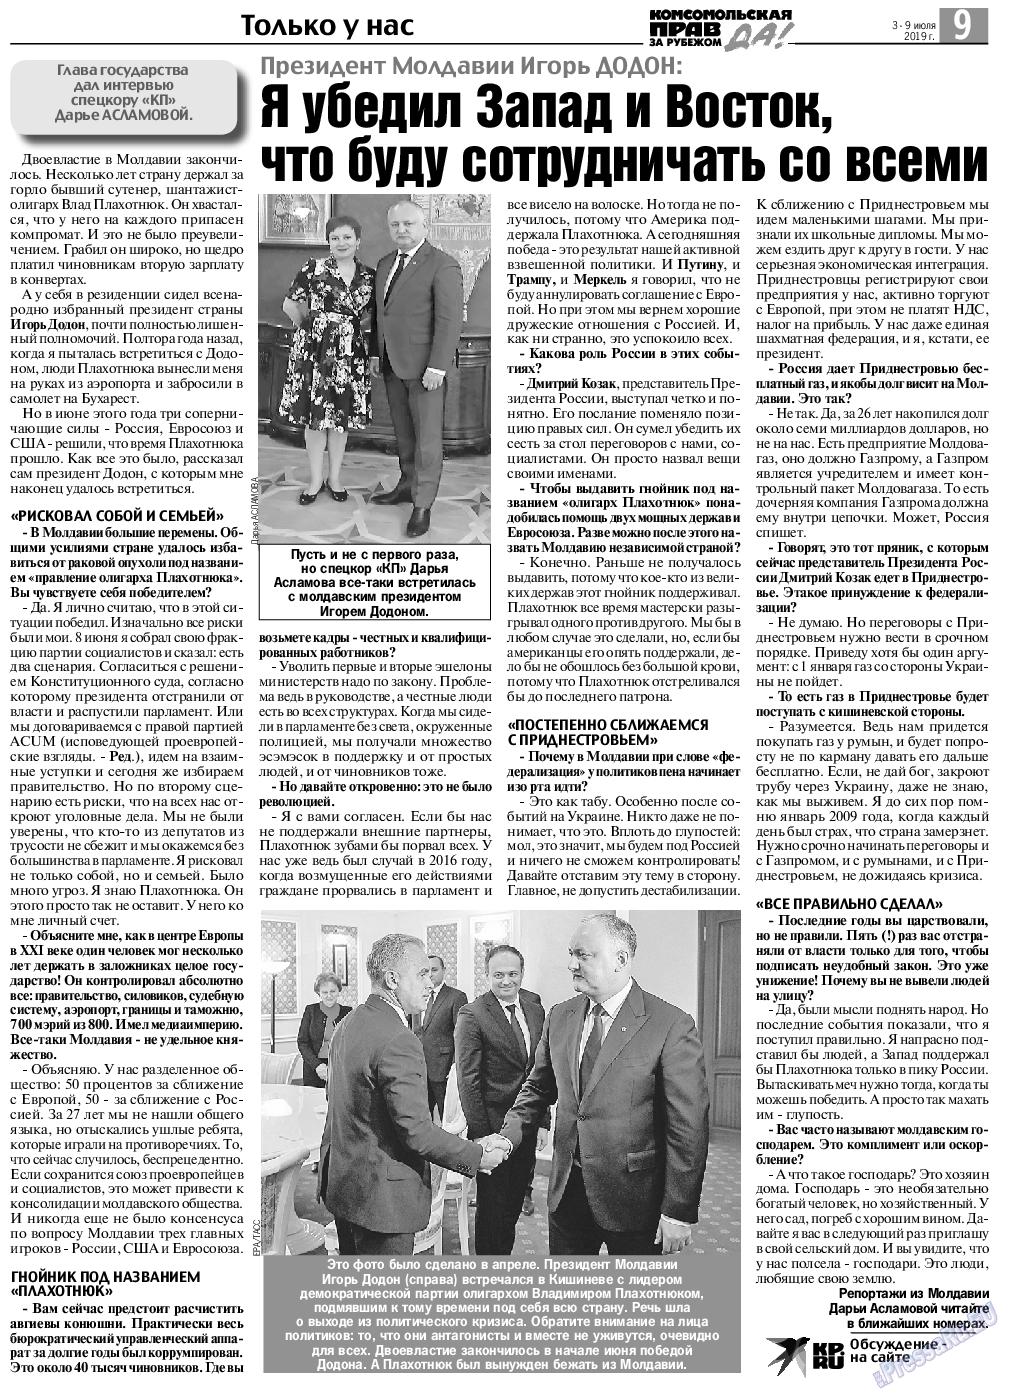 КП в Европе (газета). 2019 год, номер 27, стр. 9